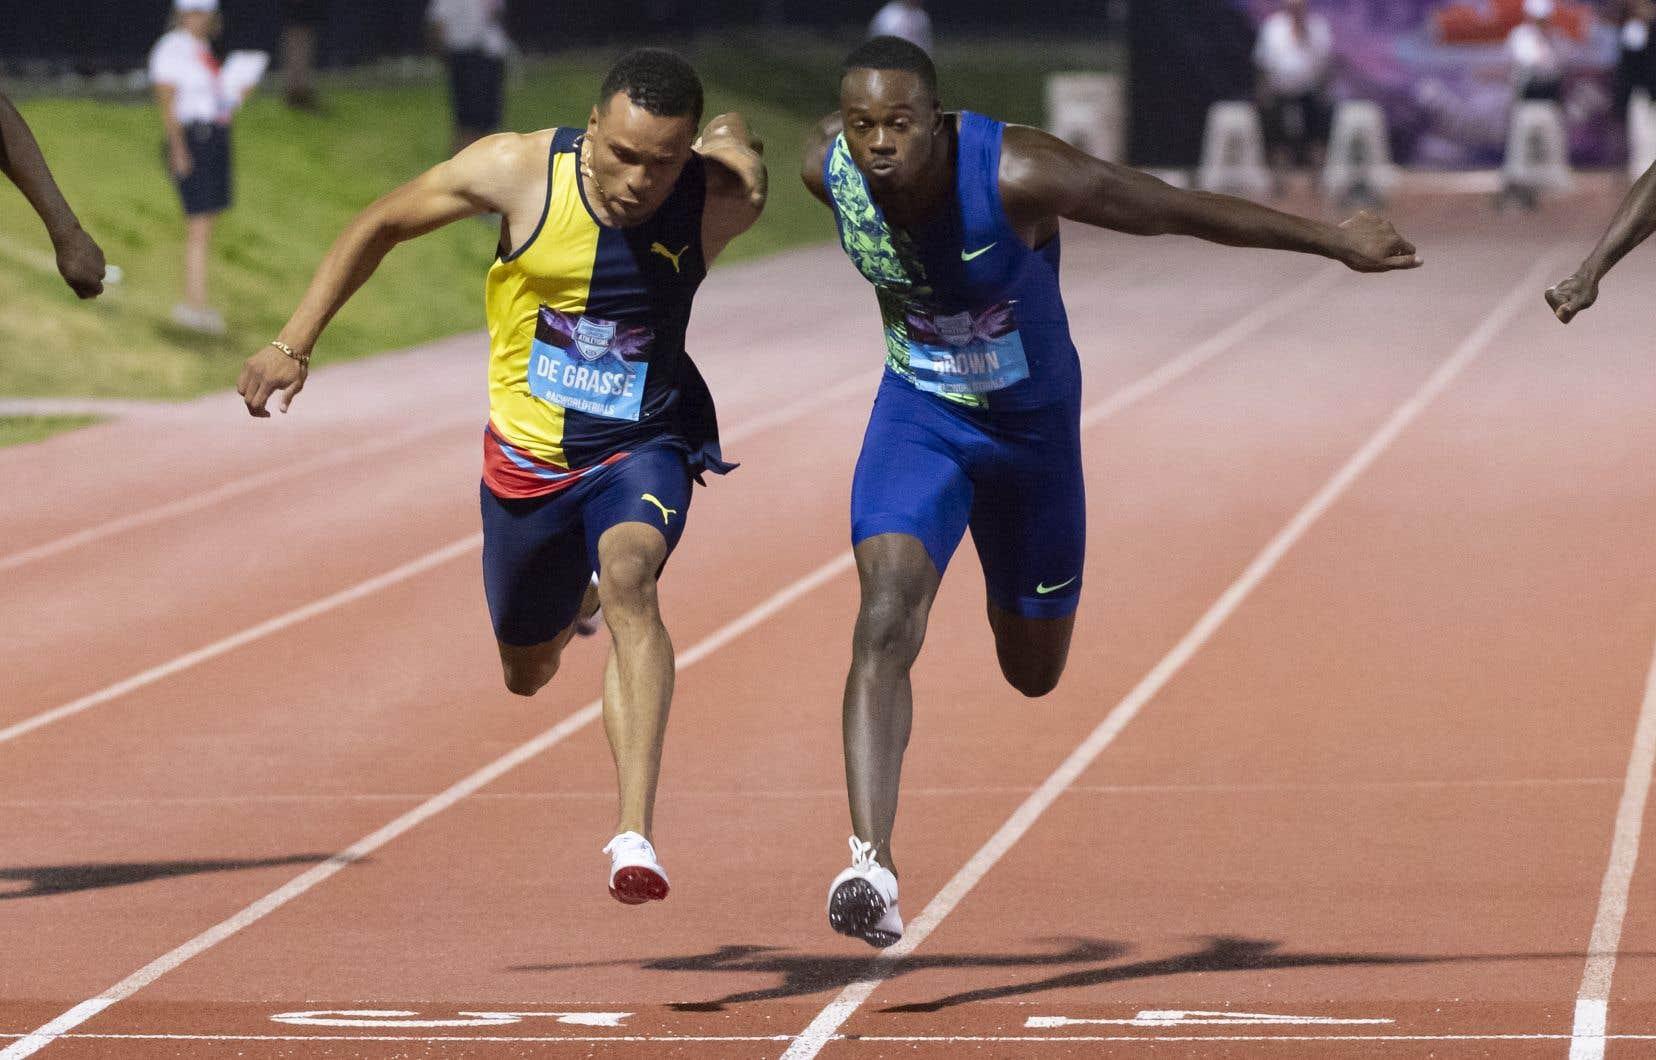 Le torontois Aaron Brown a terminé le 100m en 10,021 secondes, justetrois millièmes de seconde avant Andre De Grasse.Le vainqueur a été déterminé au photo-finish.